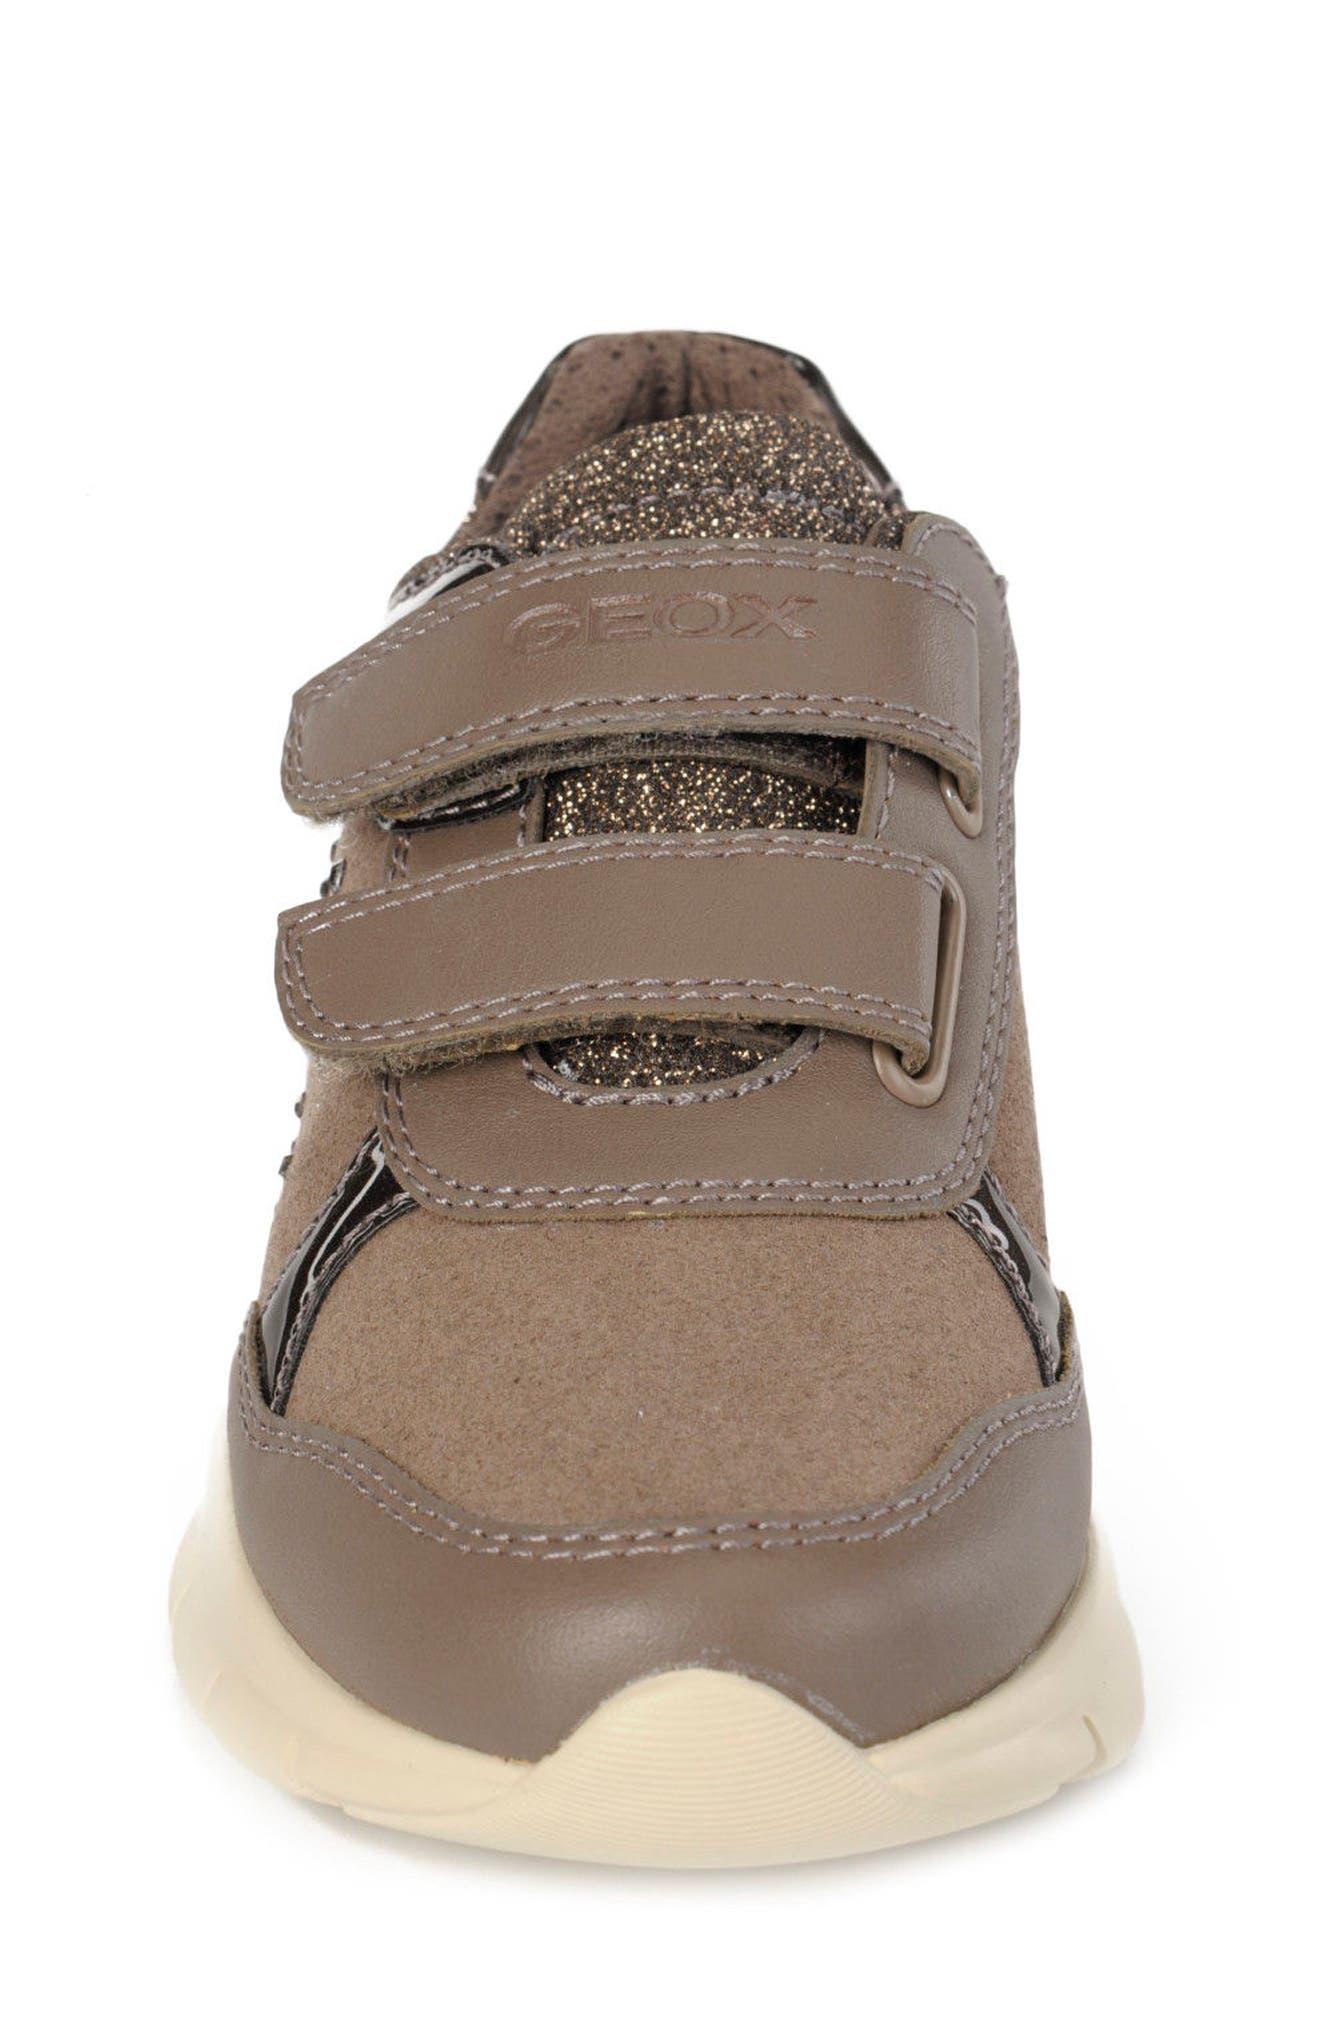 Alternate Image 4  - Geox Sukie Sneaker (Toddler, Little Kid & Big Kid)